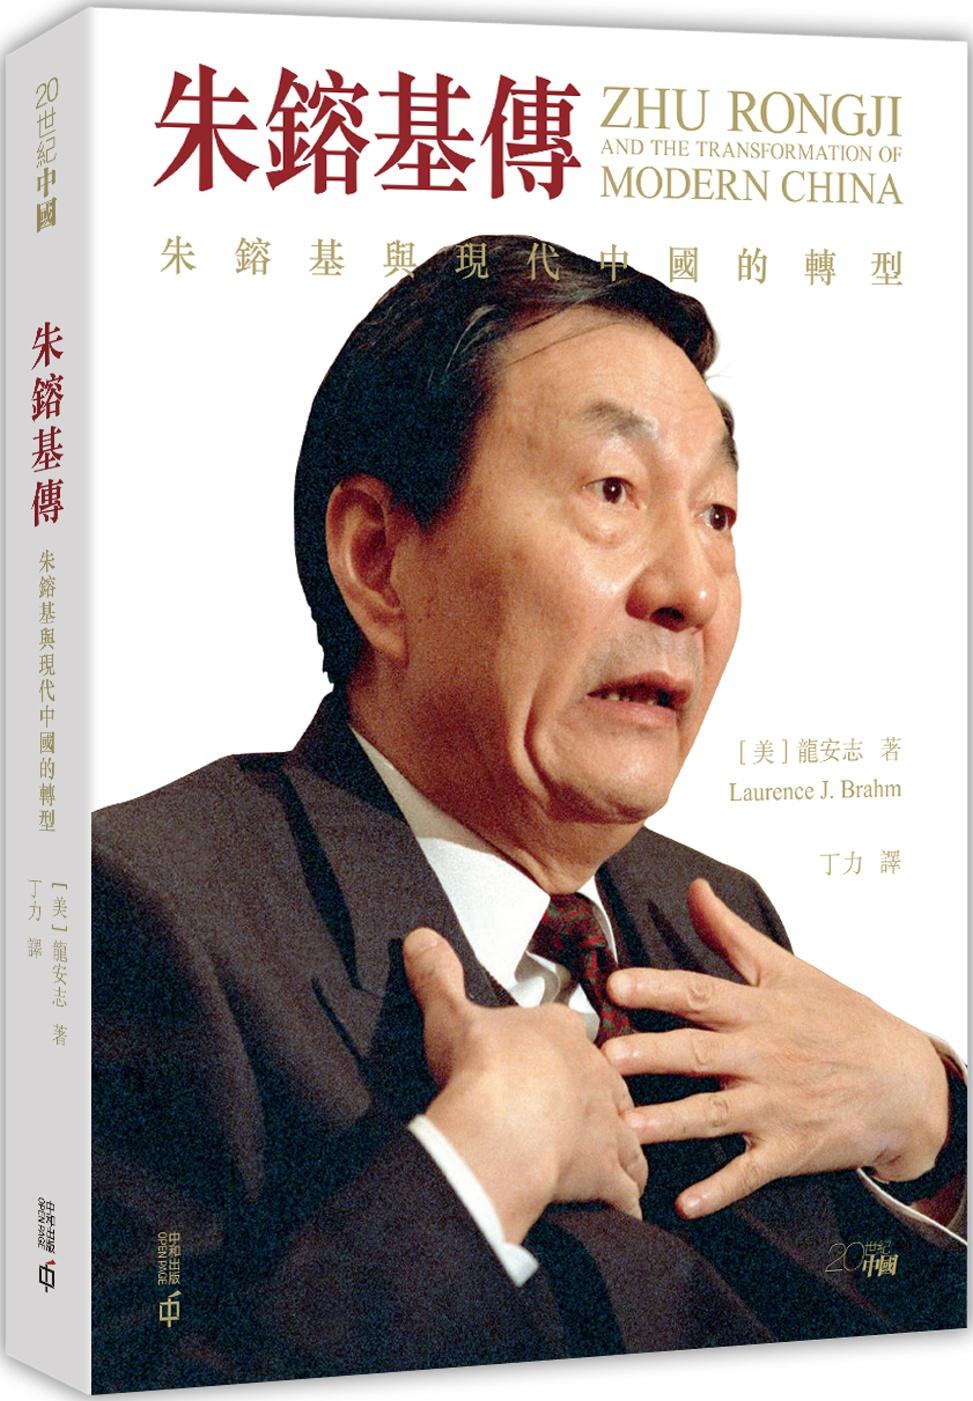 朱鎔基傳:朱鎔基與現代中國的轉...